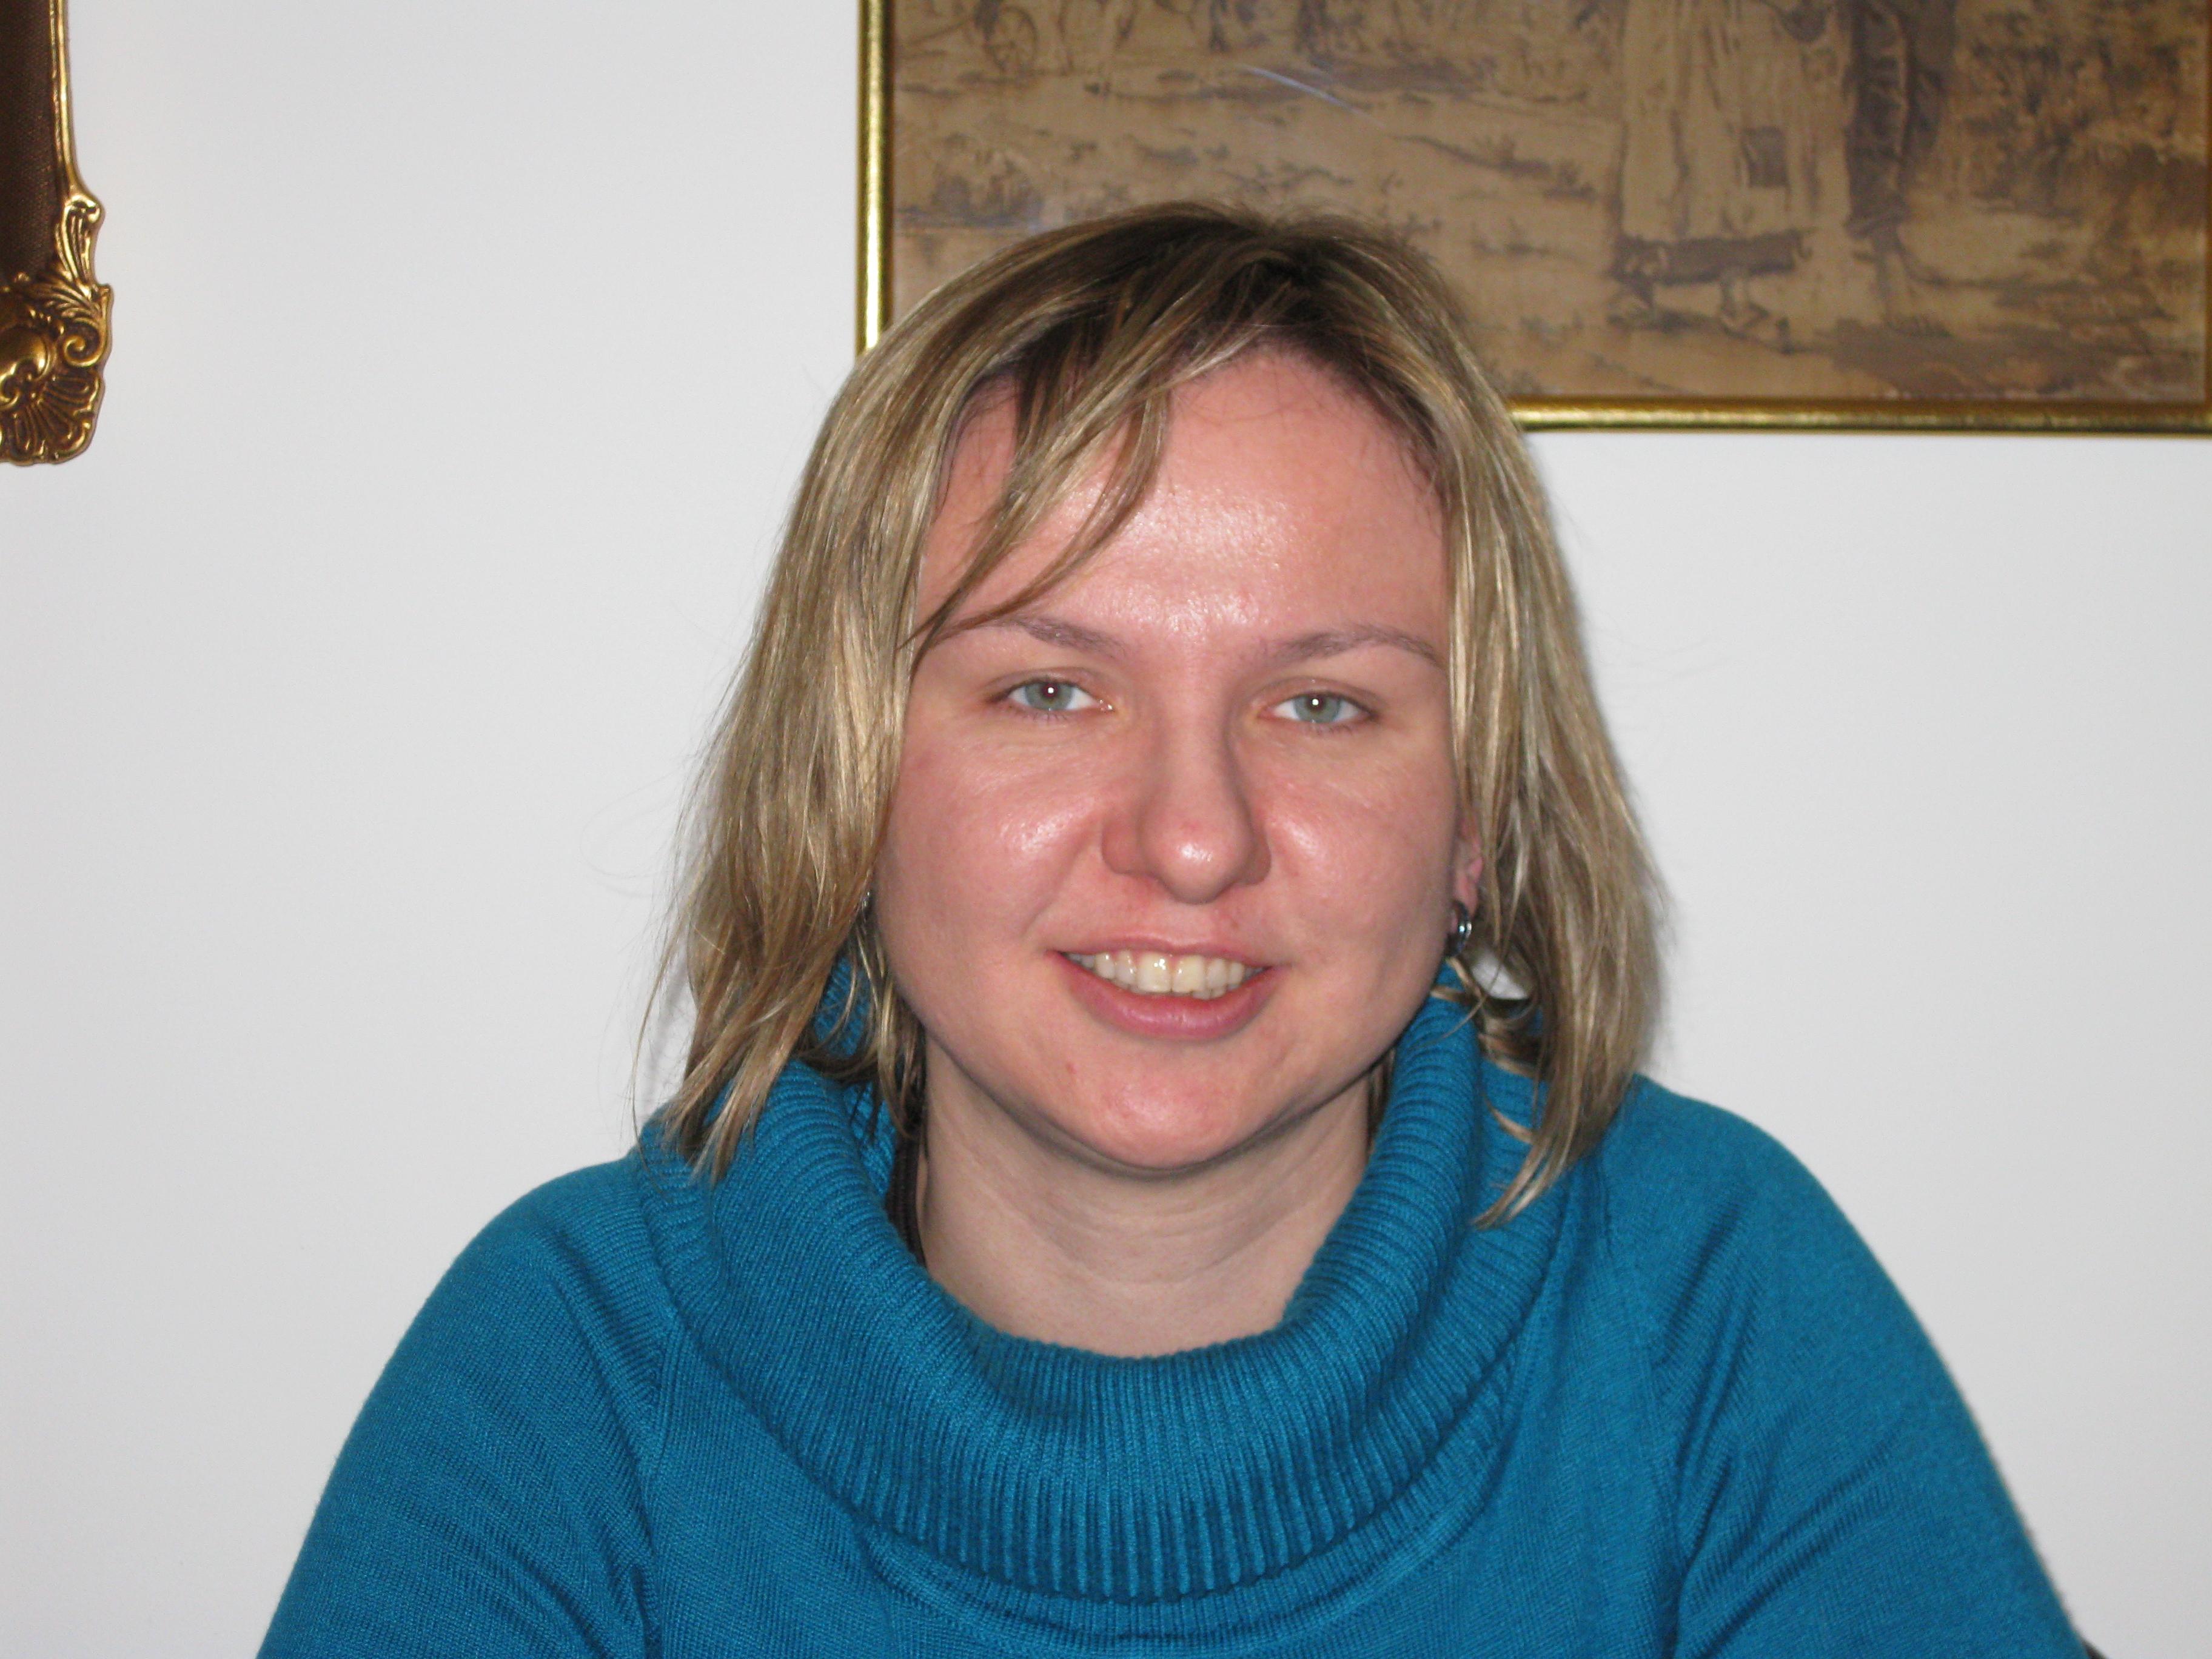 Anna Maciejewska in 2011